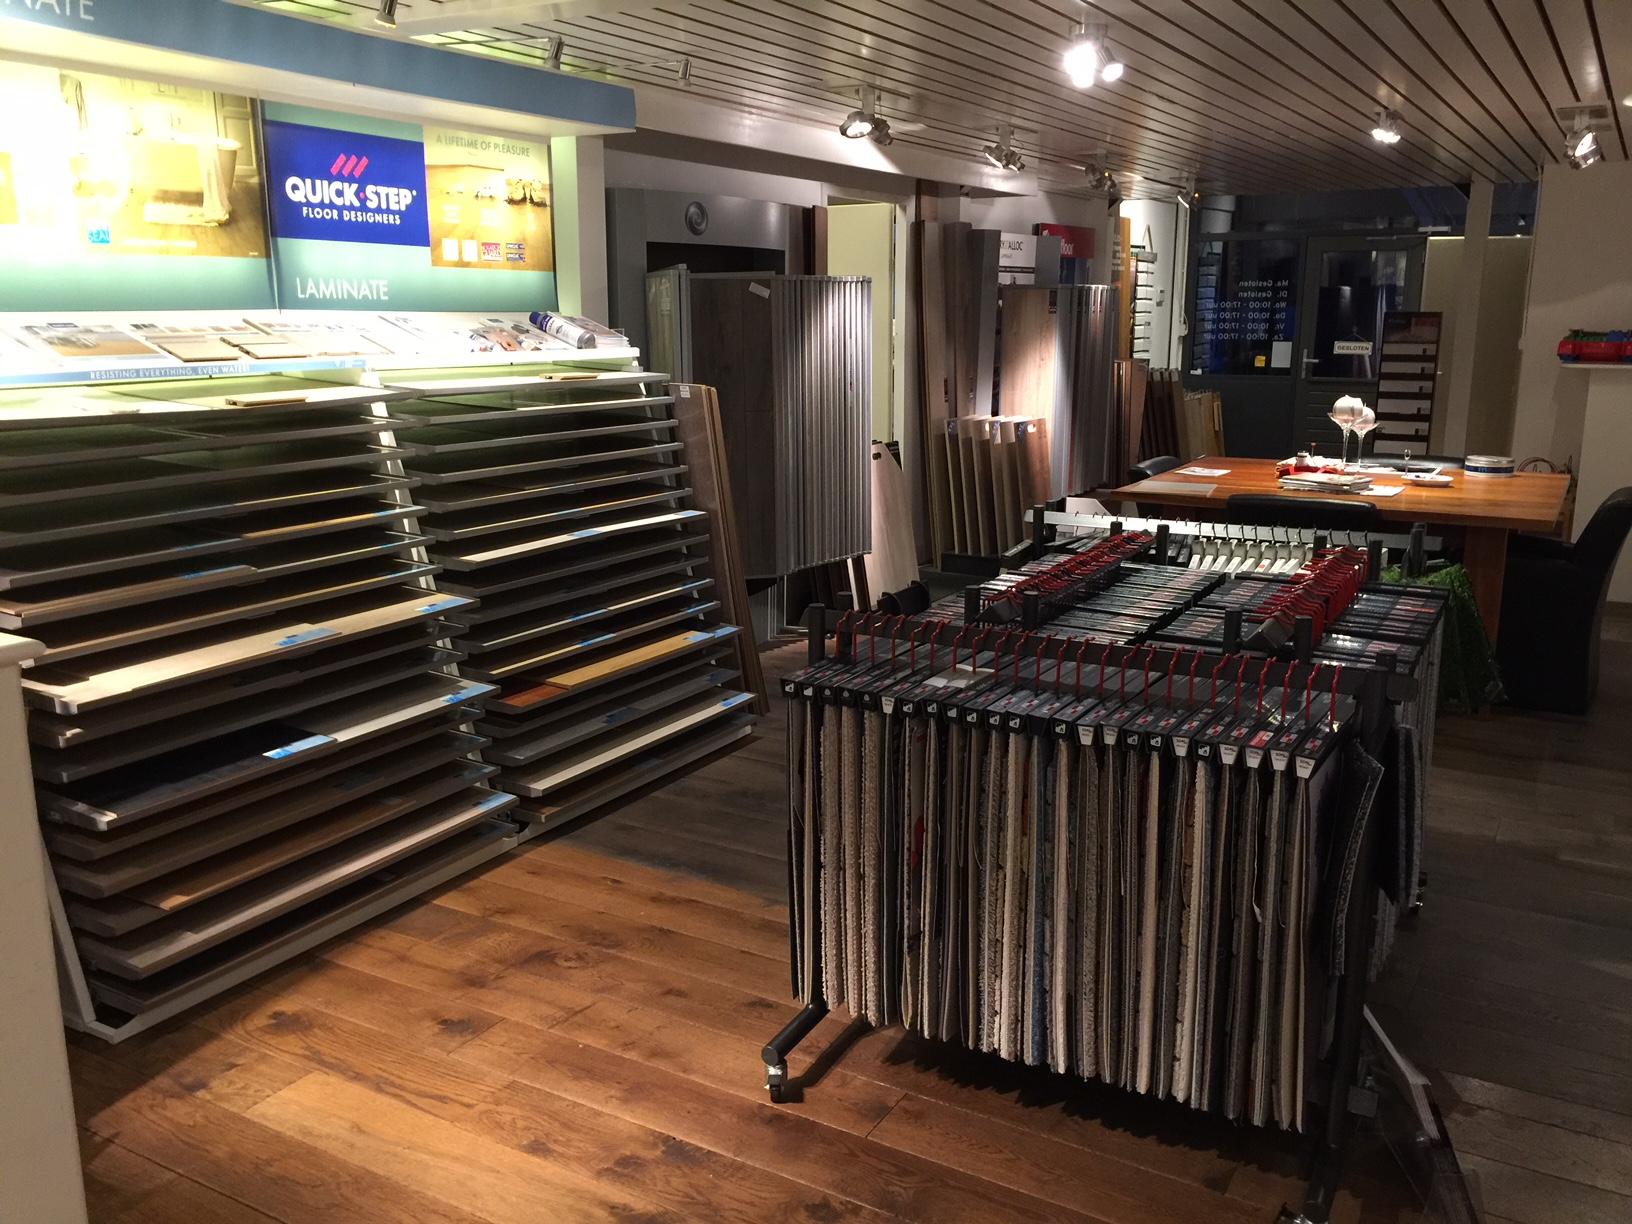 Tapijt En Vinyl : Art woninginrichting laminaat winkel tapijt winkel pvc vloeren